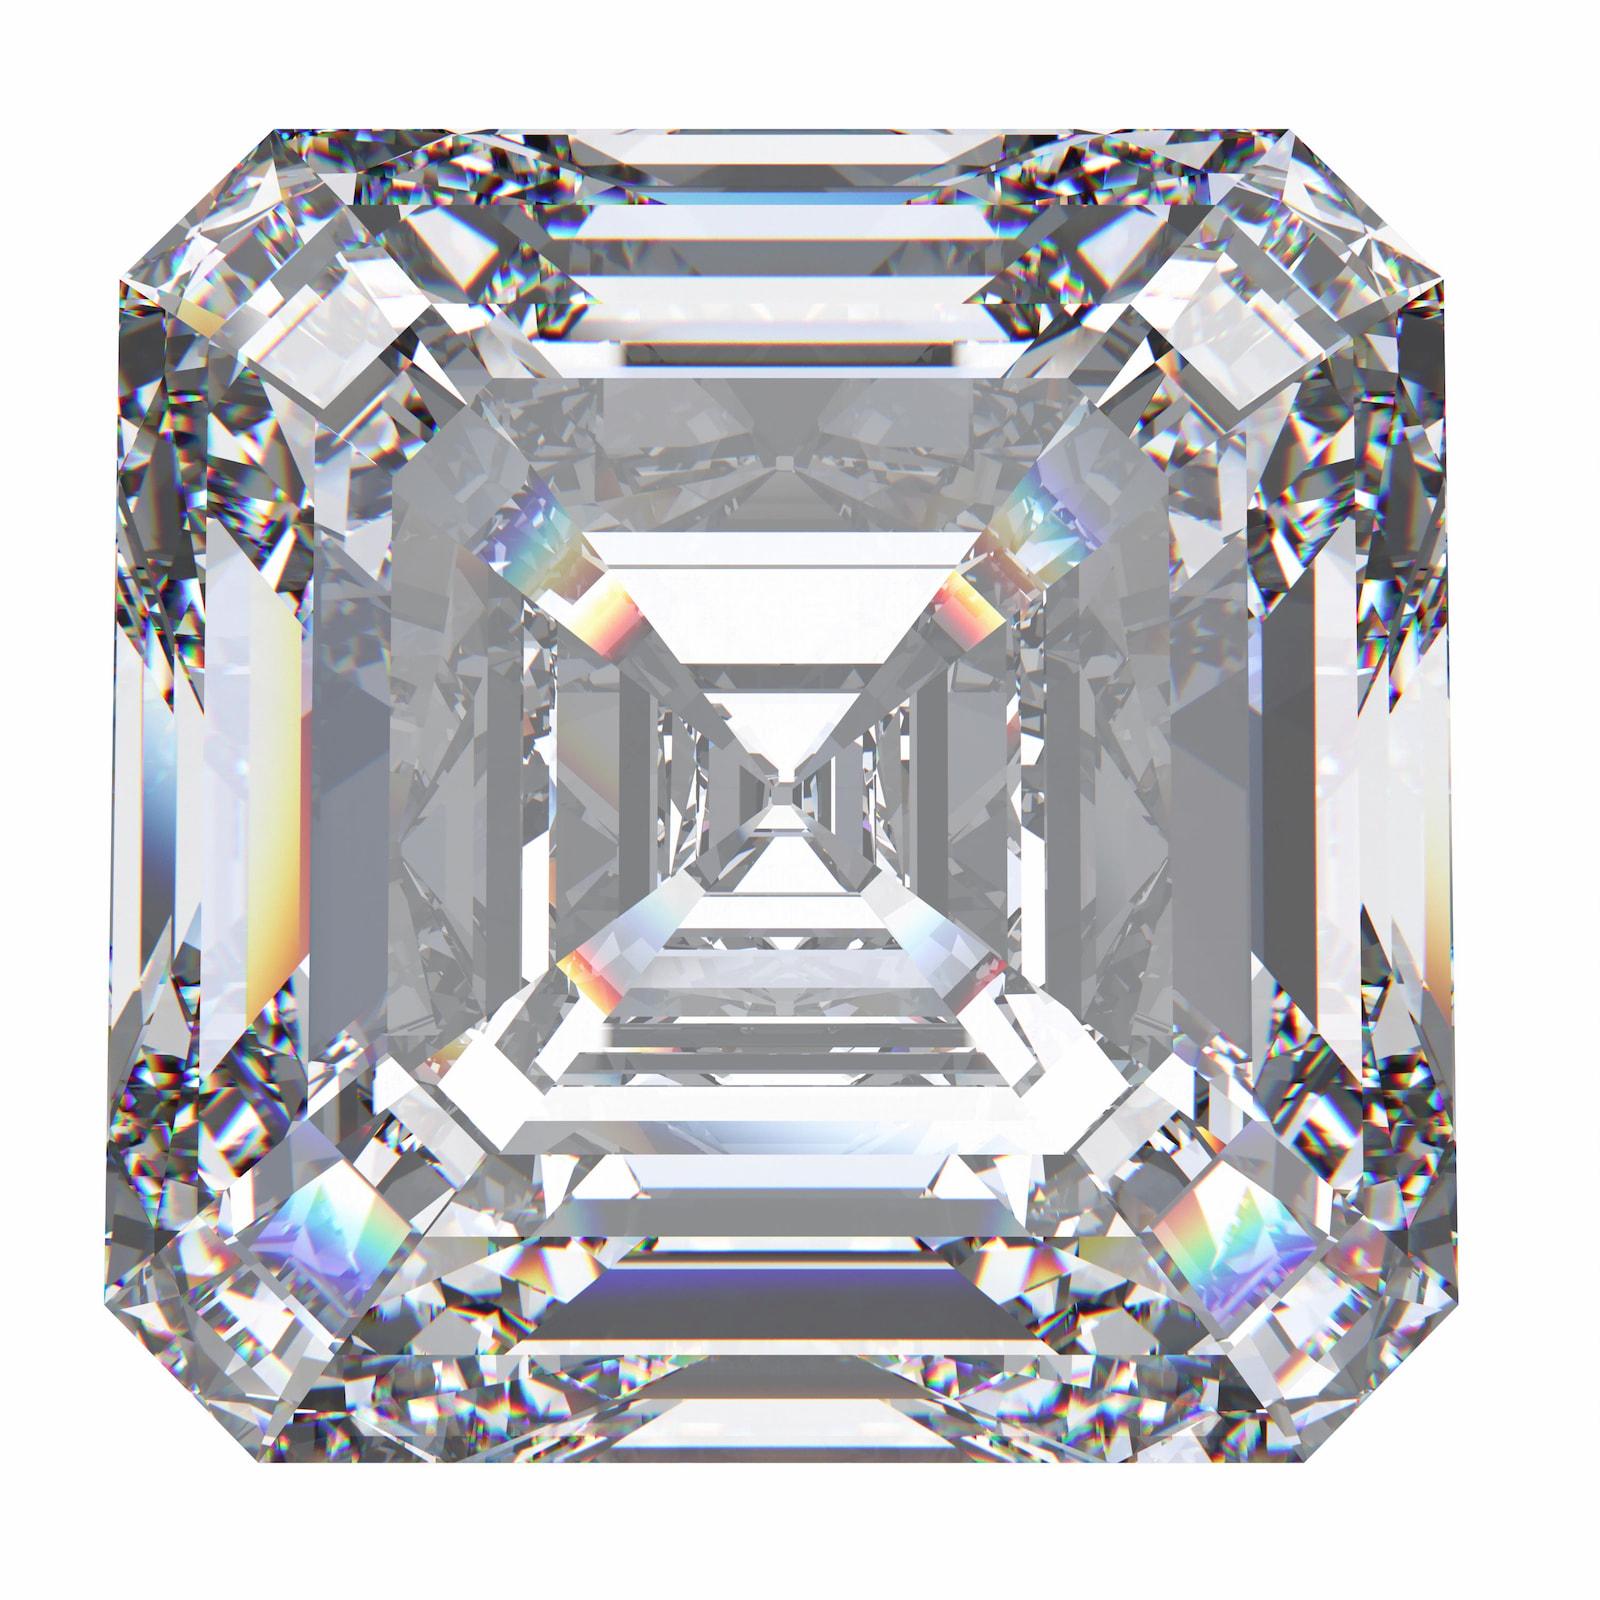 Diamant mit Asscherschliff auf weißem Hintergrund